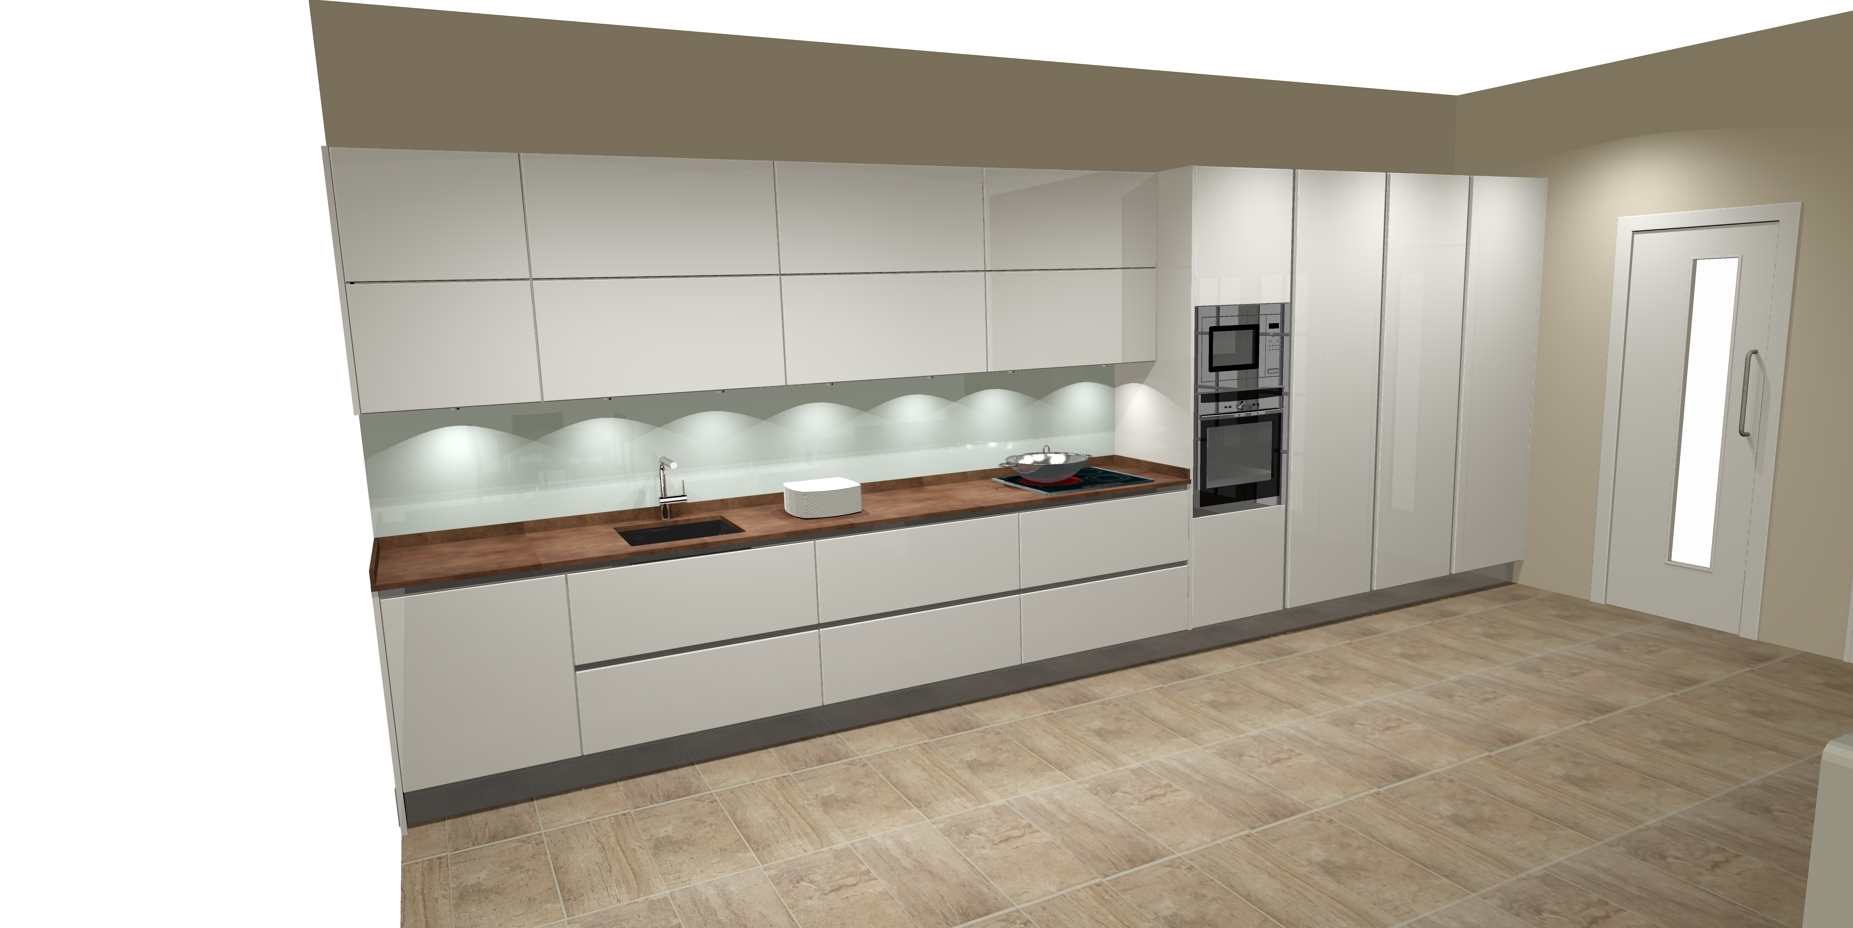 Dise os de cocinas lineales cocinas artnova sevilla - Cocinas de diseno en sevilla ...